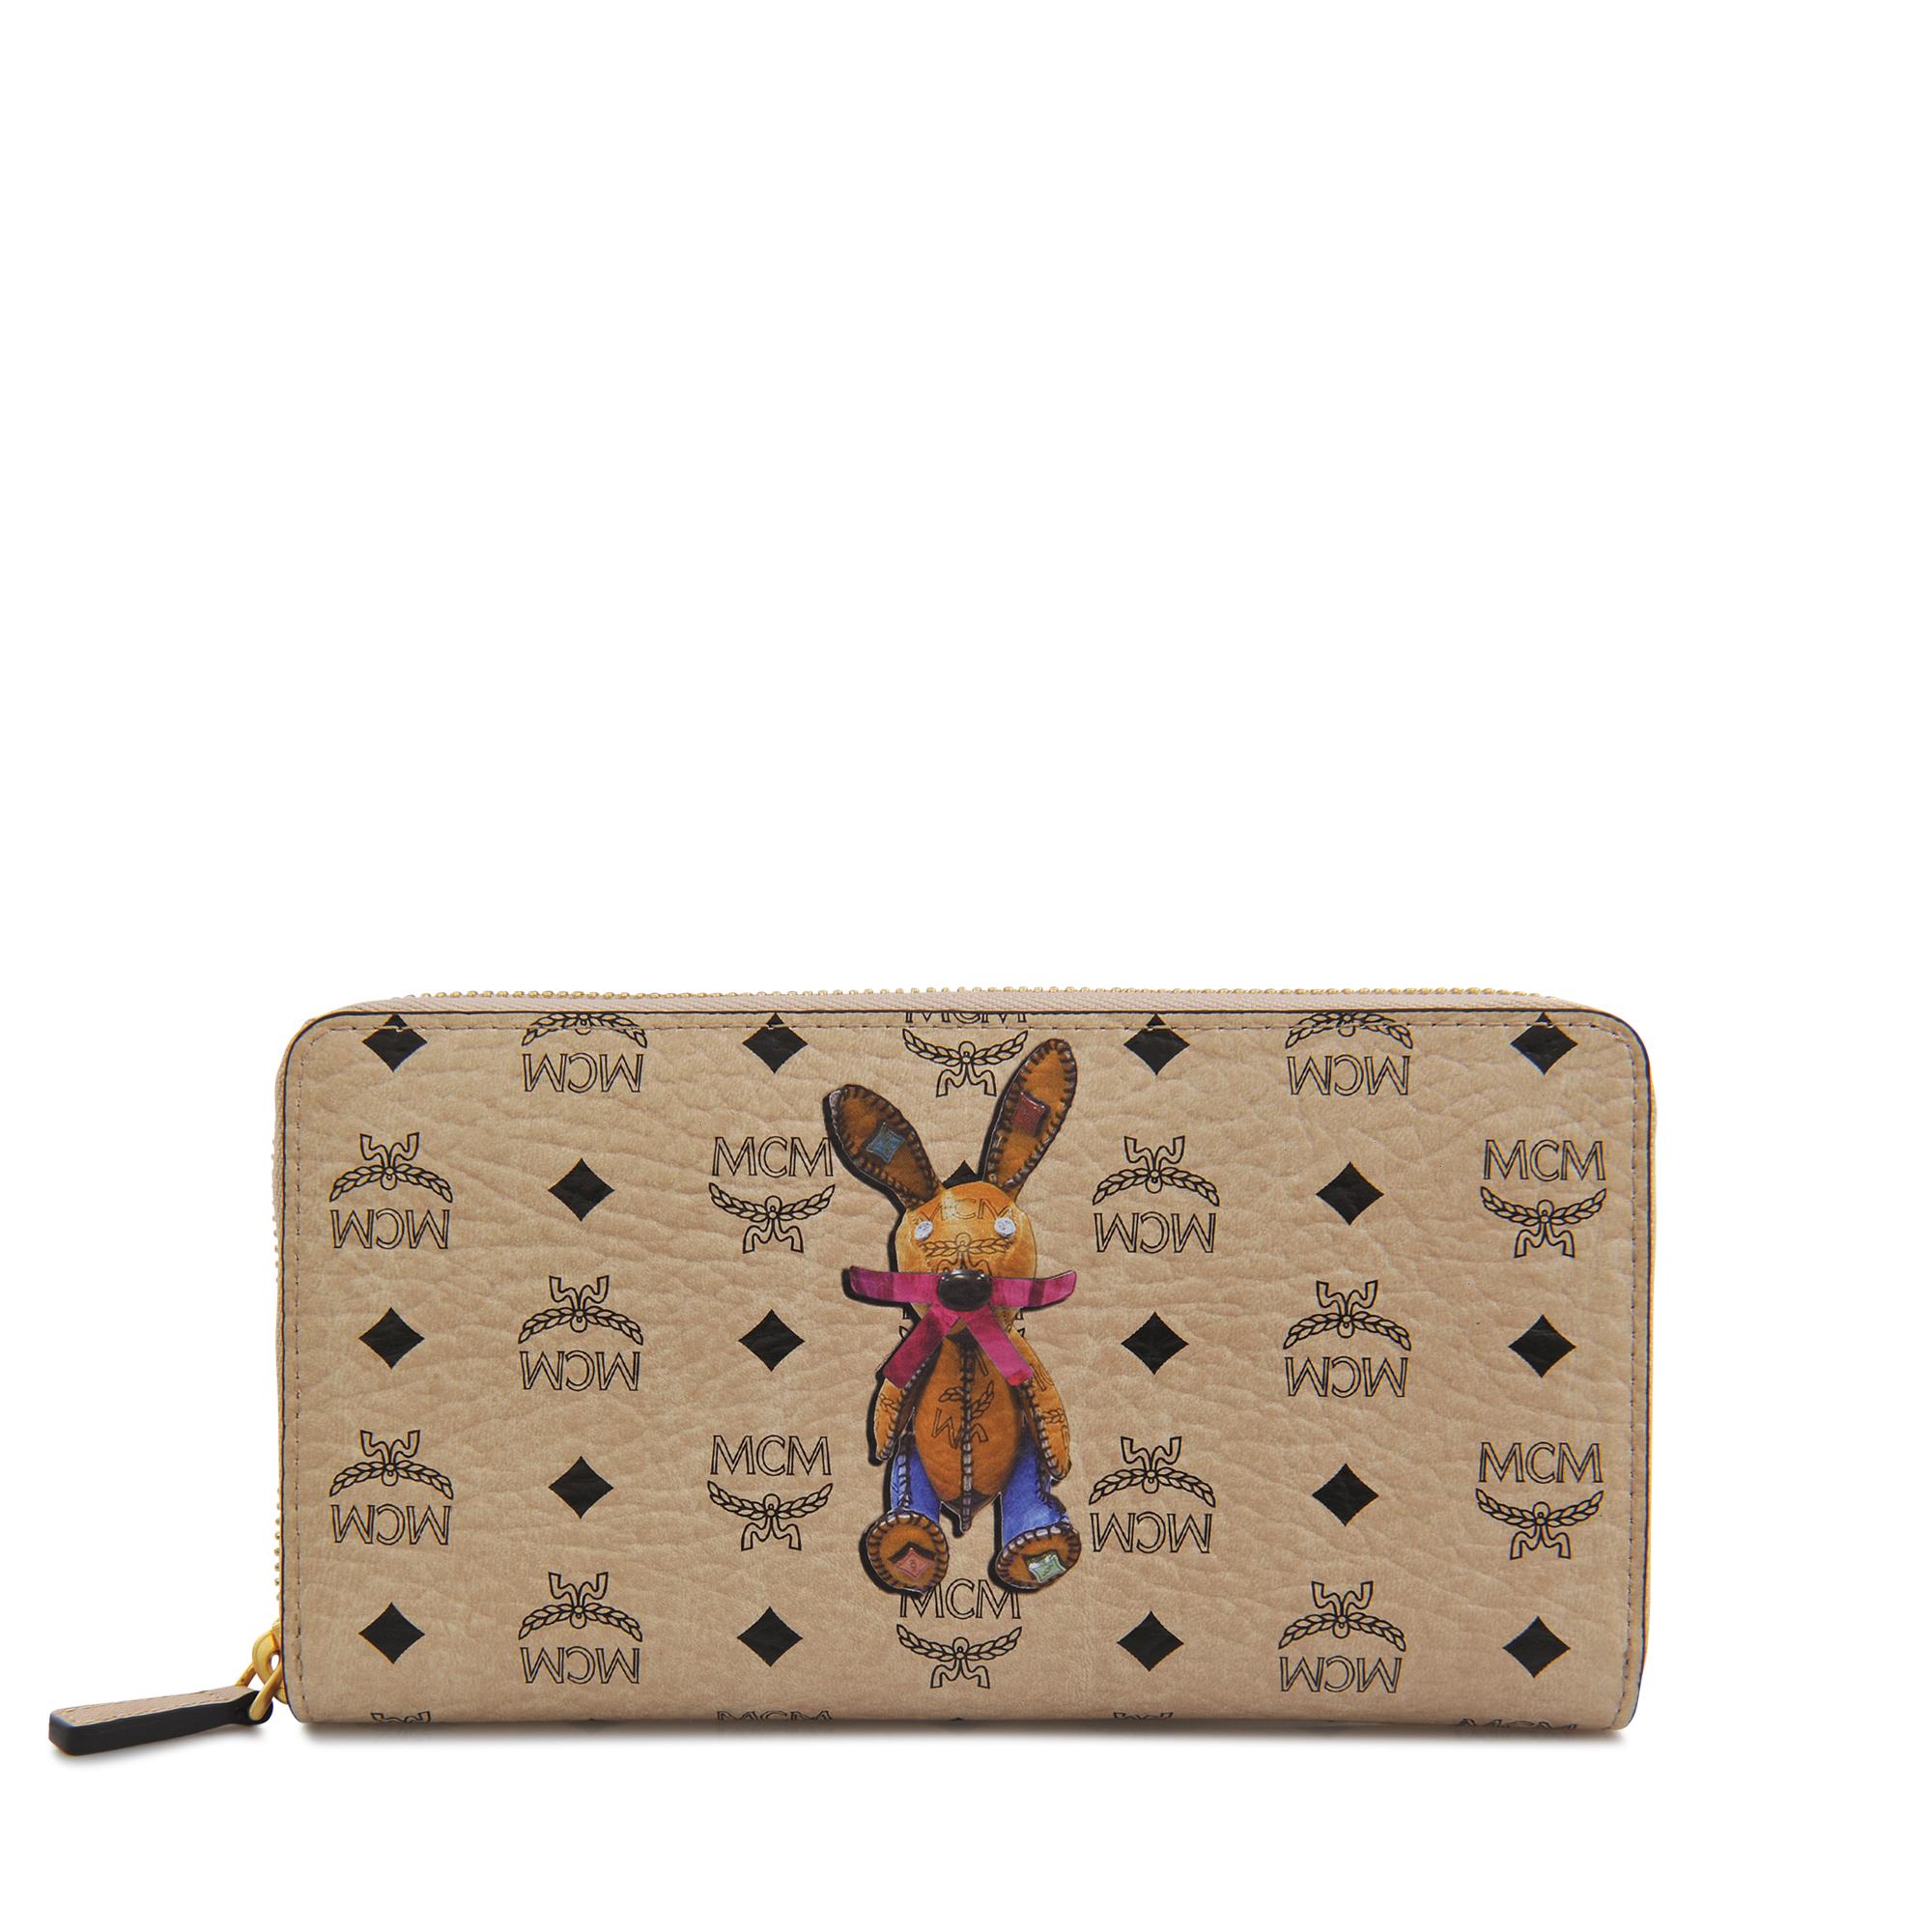 Mcm Wallet Design